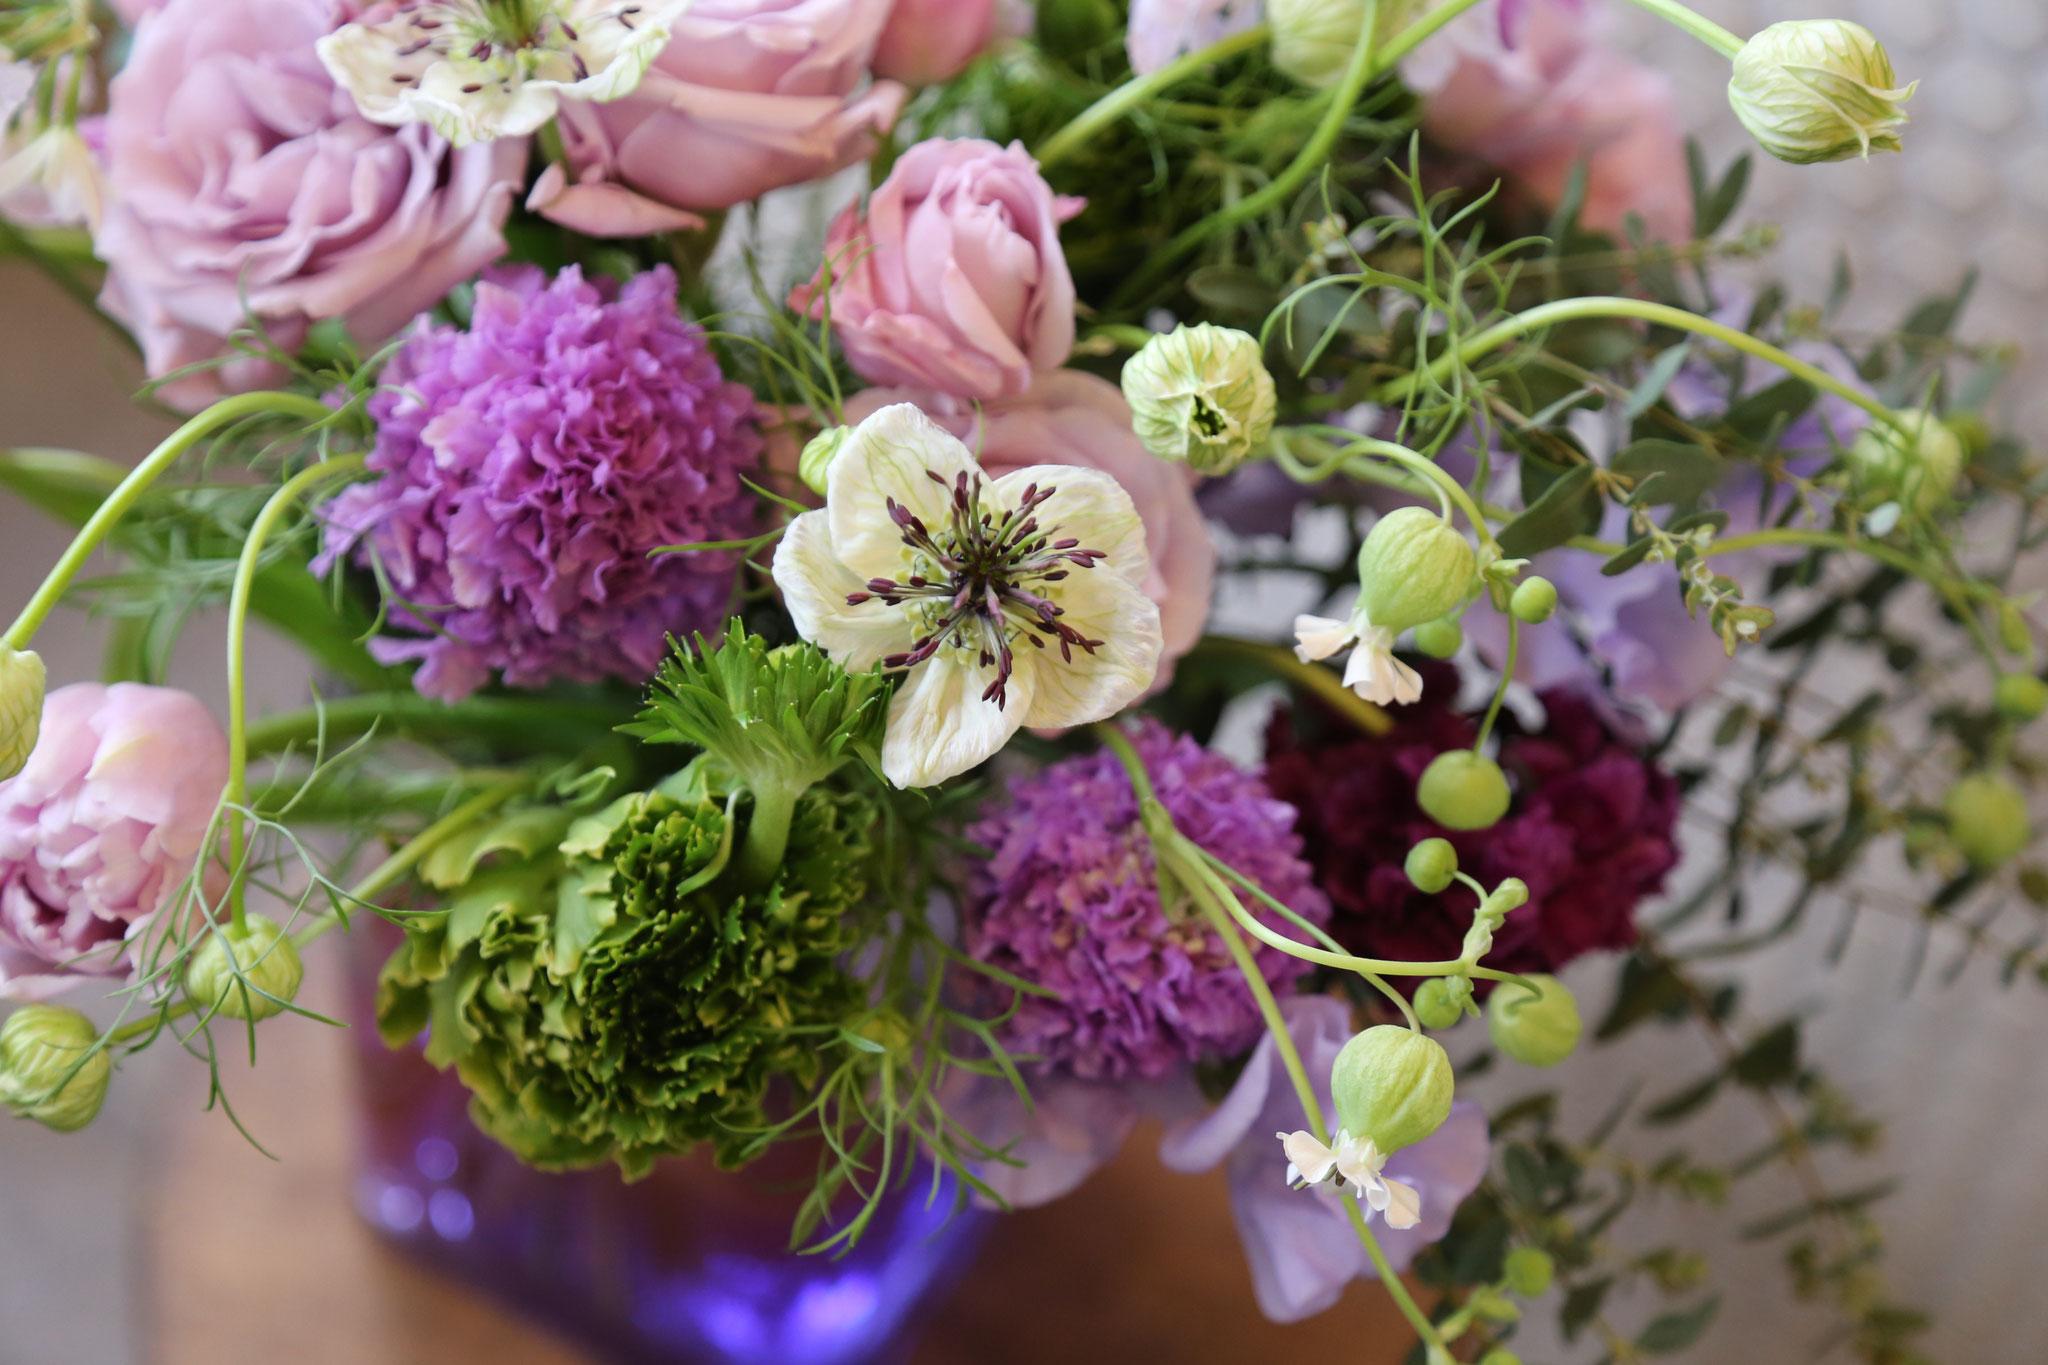 新曲「紫の夜を超えて」をイメージしてお祝いのお花(花束)つくりました。フラワーベースに、紫色のインクを・・💜